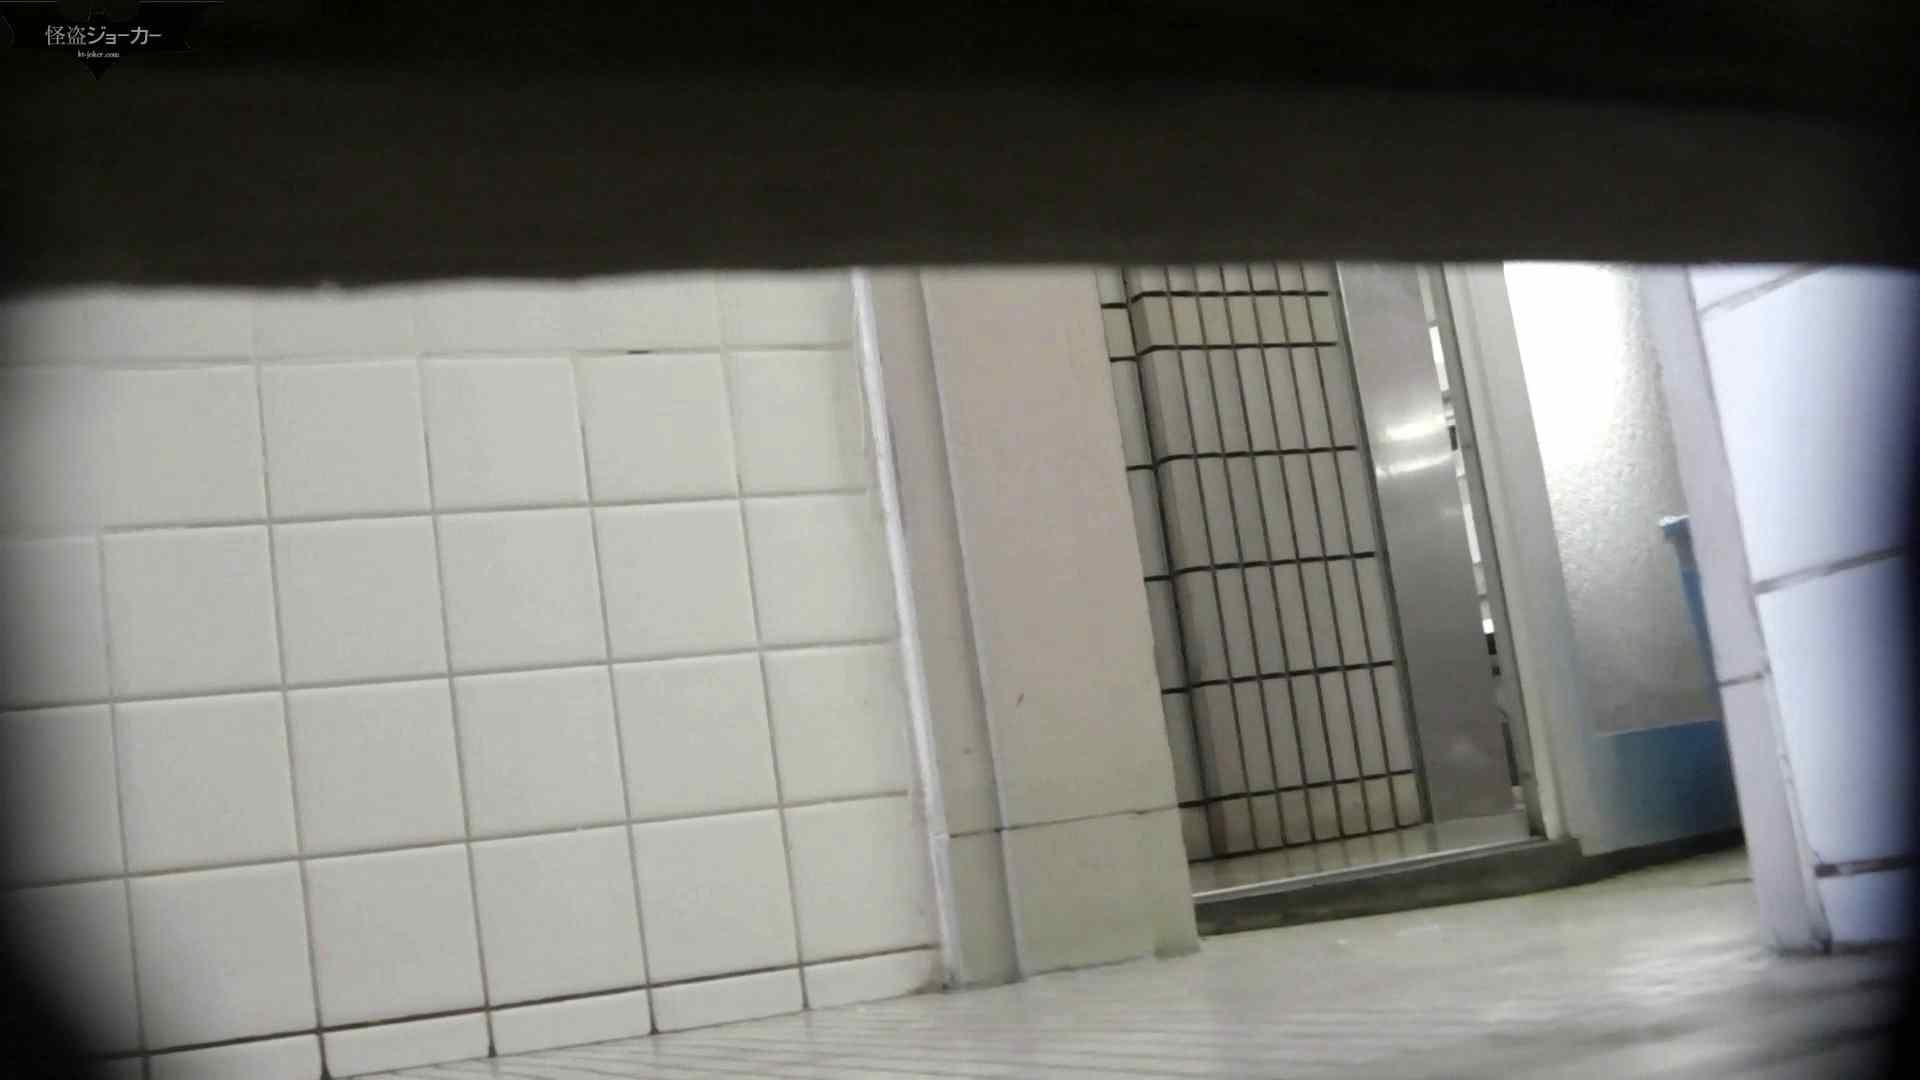 【美しき個室な世界】洗面所特攻隊 vol.051 洗面所 | OLの実態  49pic 49